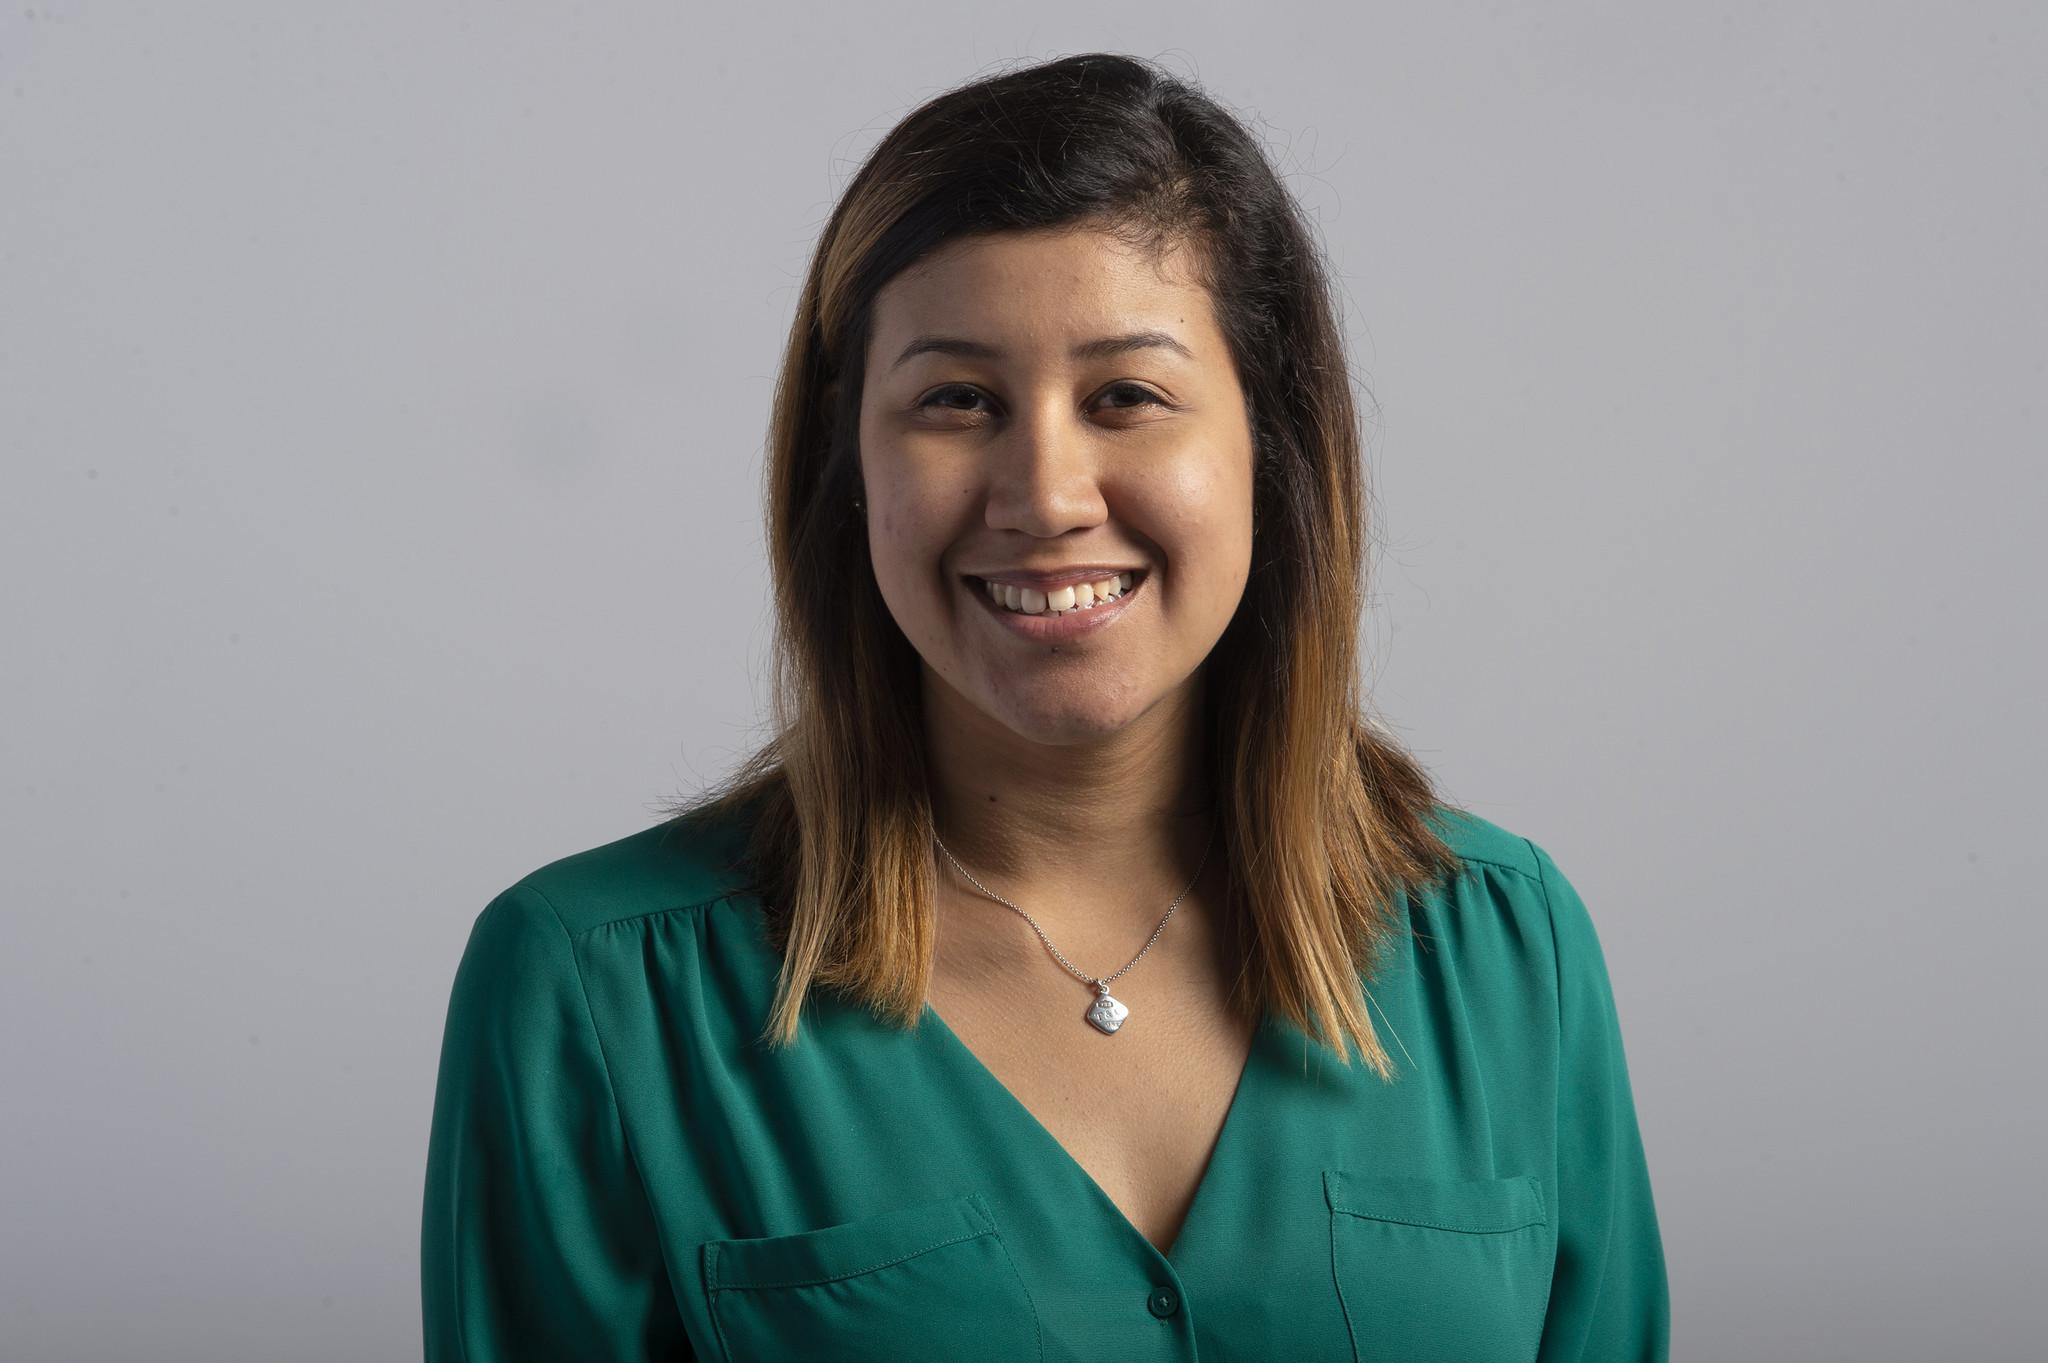 Sabrina Herrera